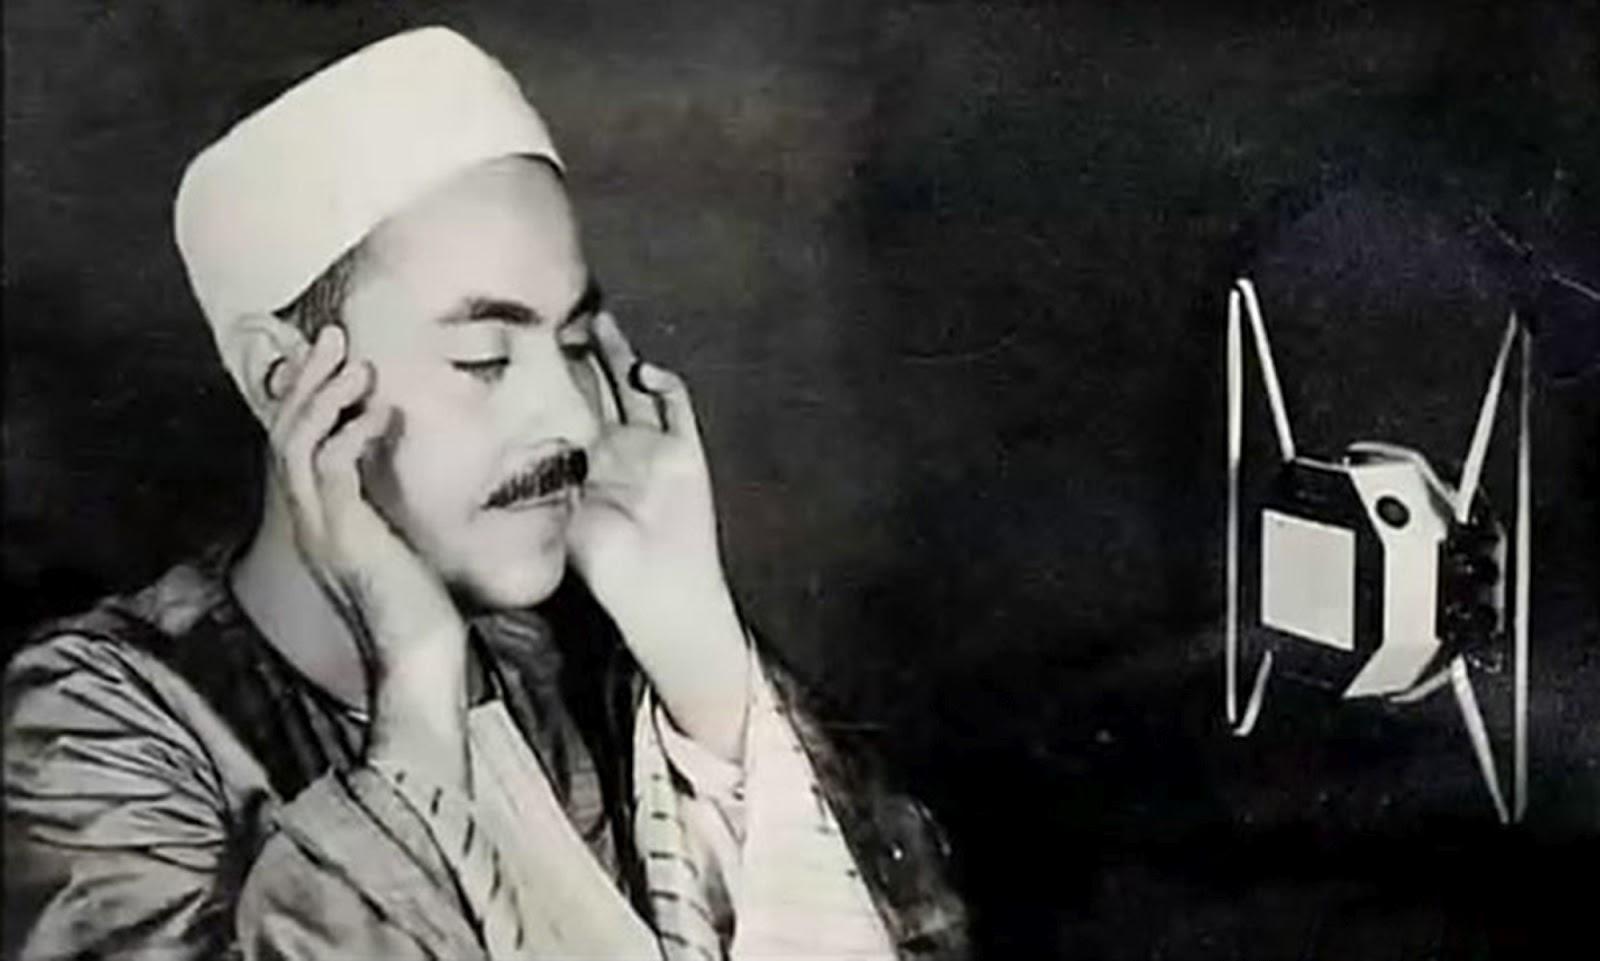 نتيجة بحث الصور عن الشيخ محمد رفعت+ محمد عبدالوهاب